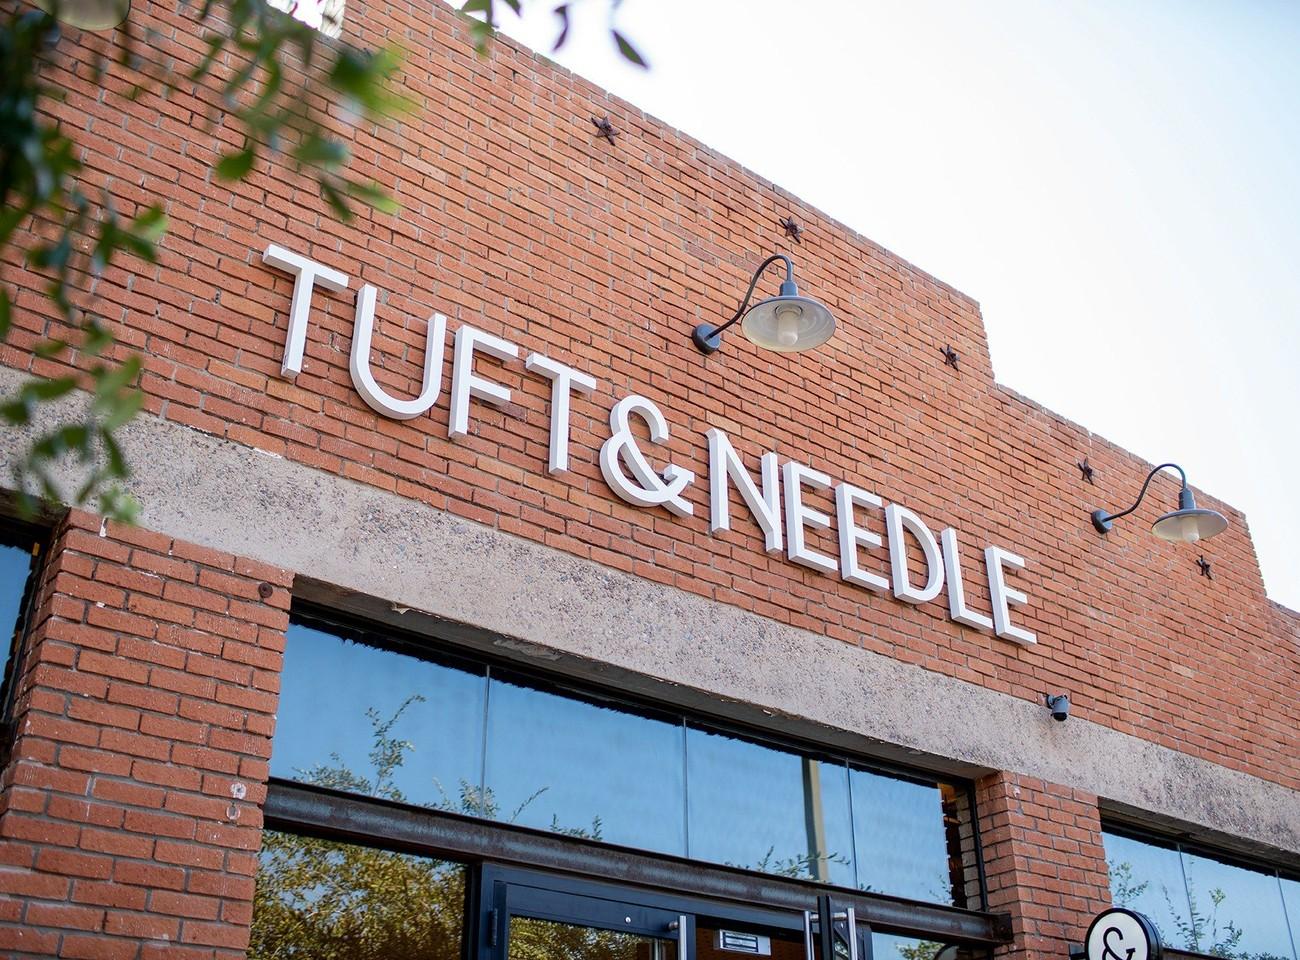 Tuft & Needle Careers